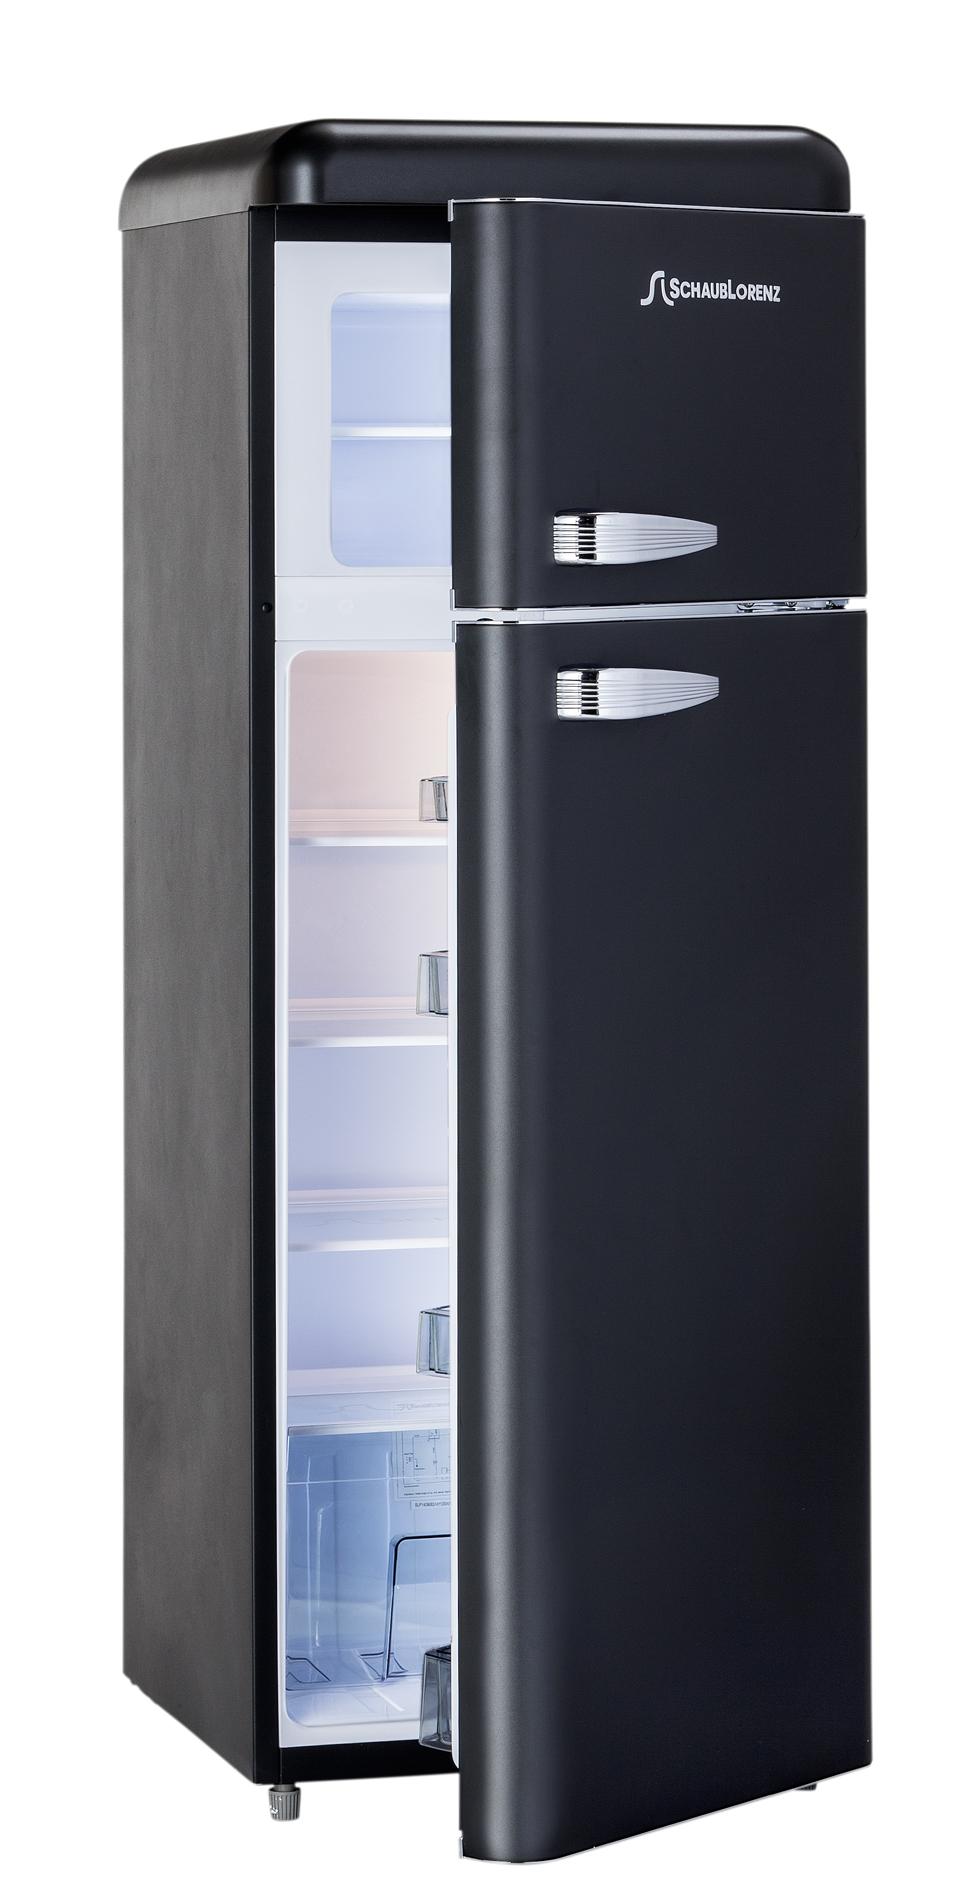 Chladnička Schaub Lorenz SL 210 B černá matná + TOPINKOVAČ